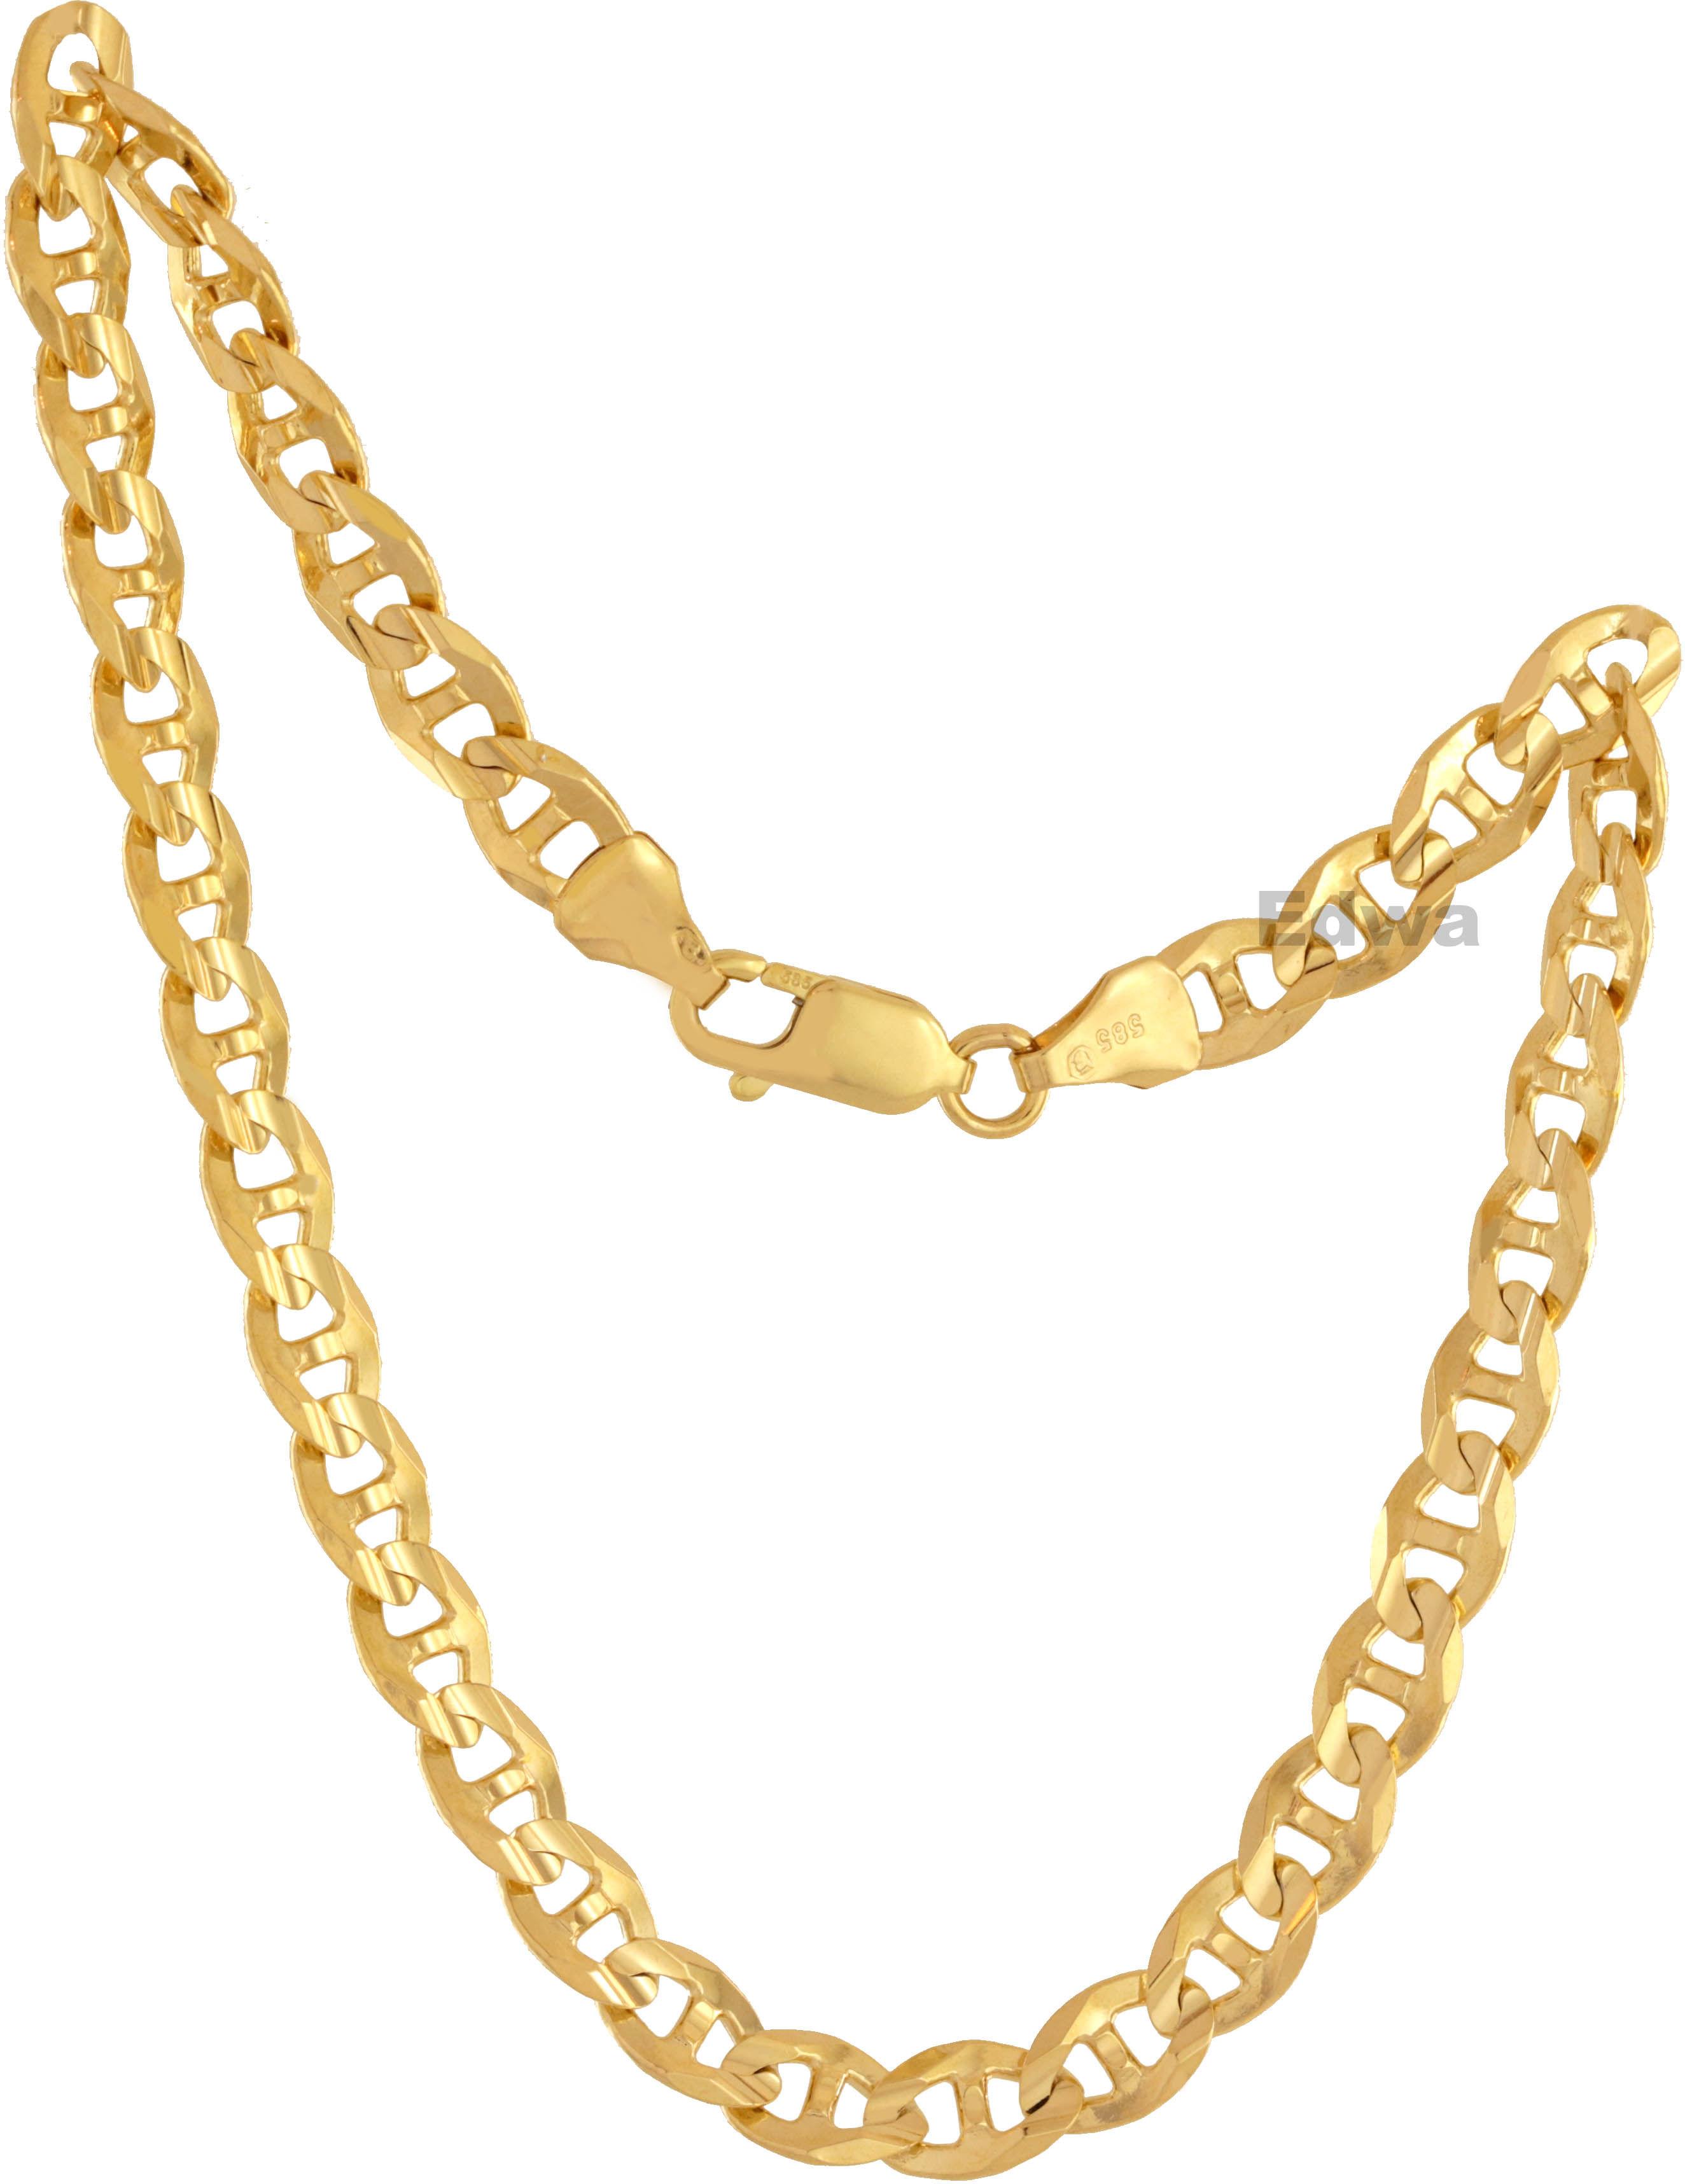 Bransoletka złota wzór Gucci, pełne złoto pr.585. 23 cm